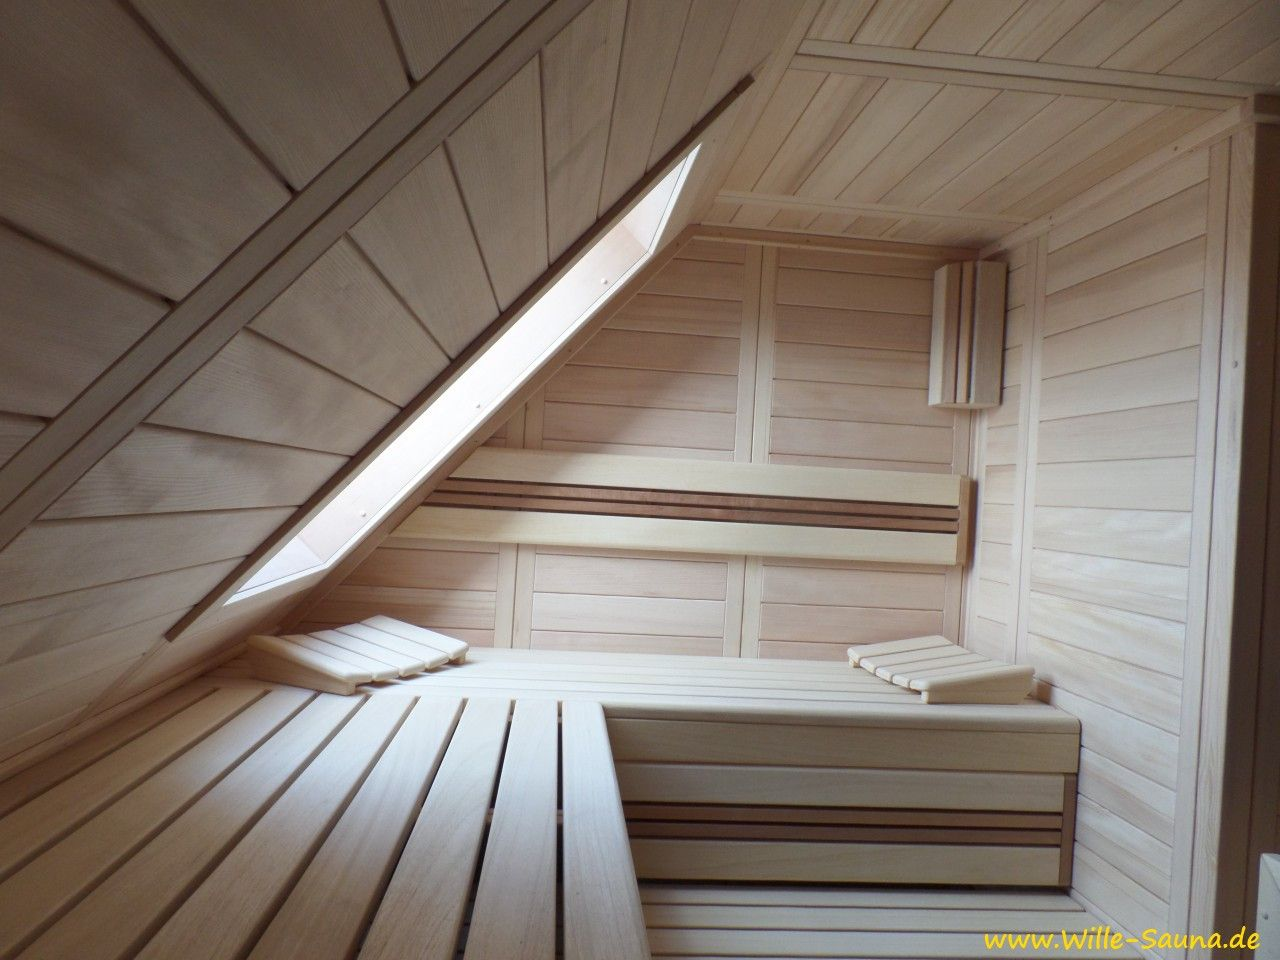 realisierung einer sauna unter einer dachschr ge in der auch ein fenster integriert wurde bad. Black Bedroom Furniture Sets. Home Design Ideas